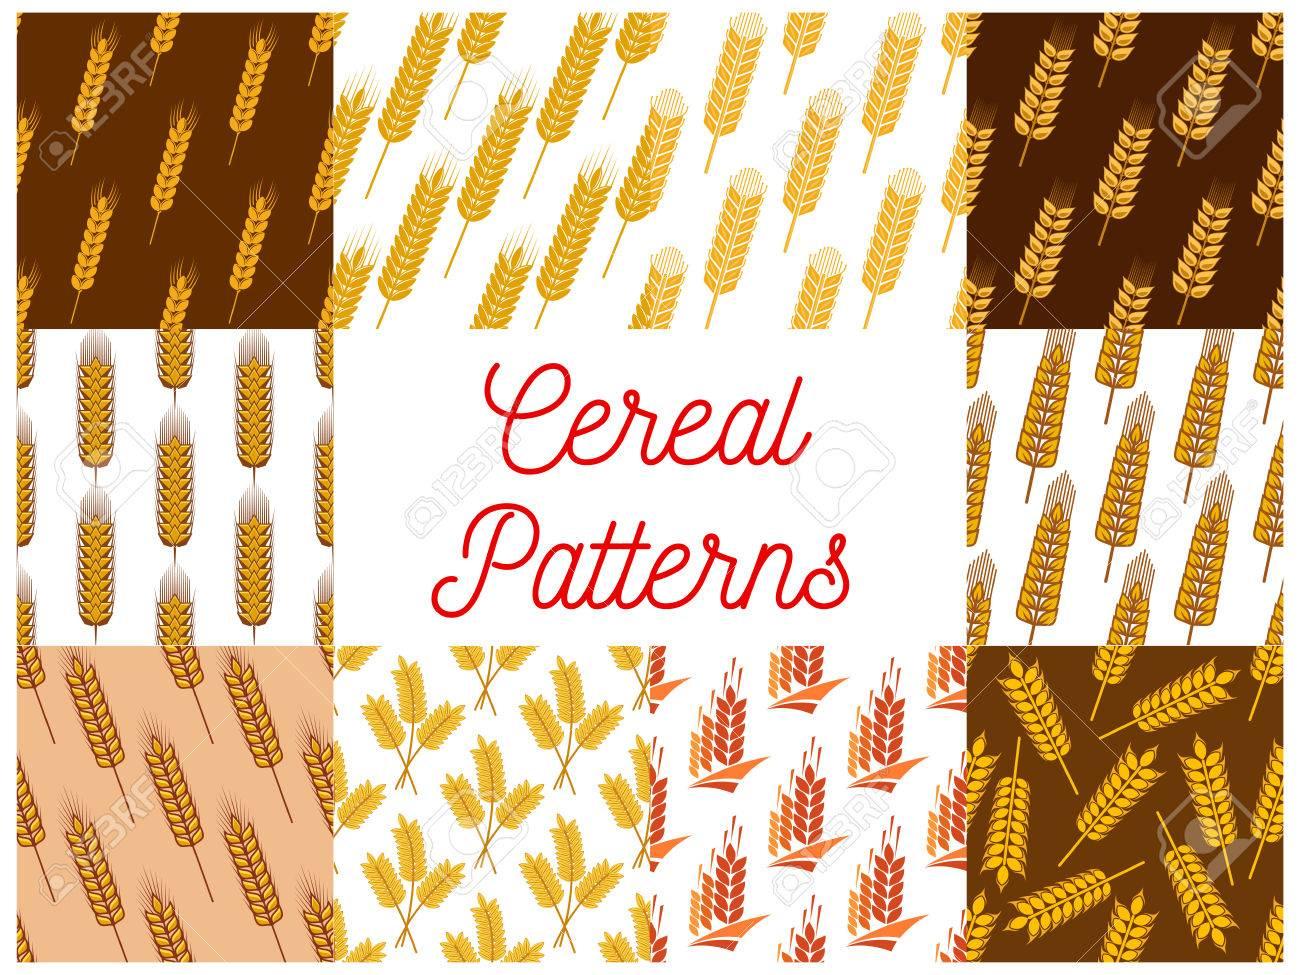 Patrones De Costura De Cereales. Vector Patrón De Trigo, Cebada ...